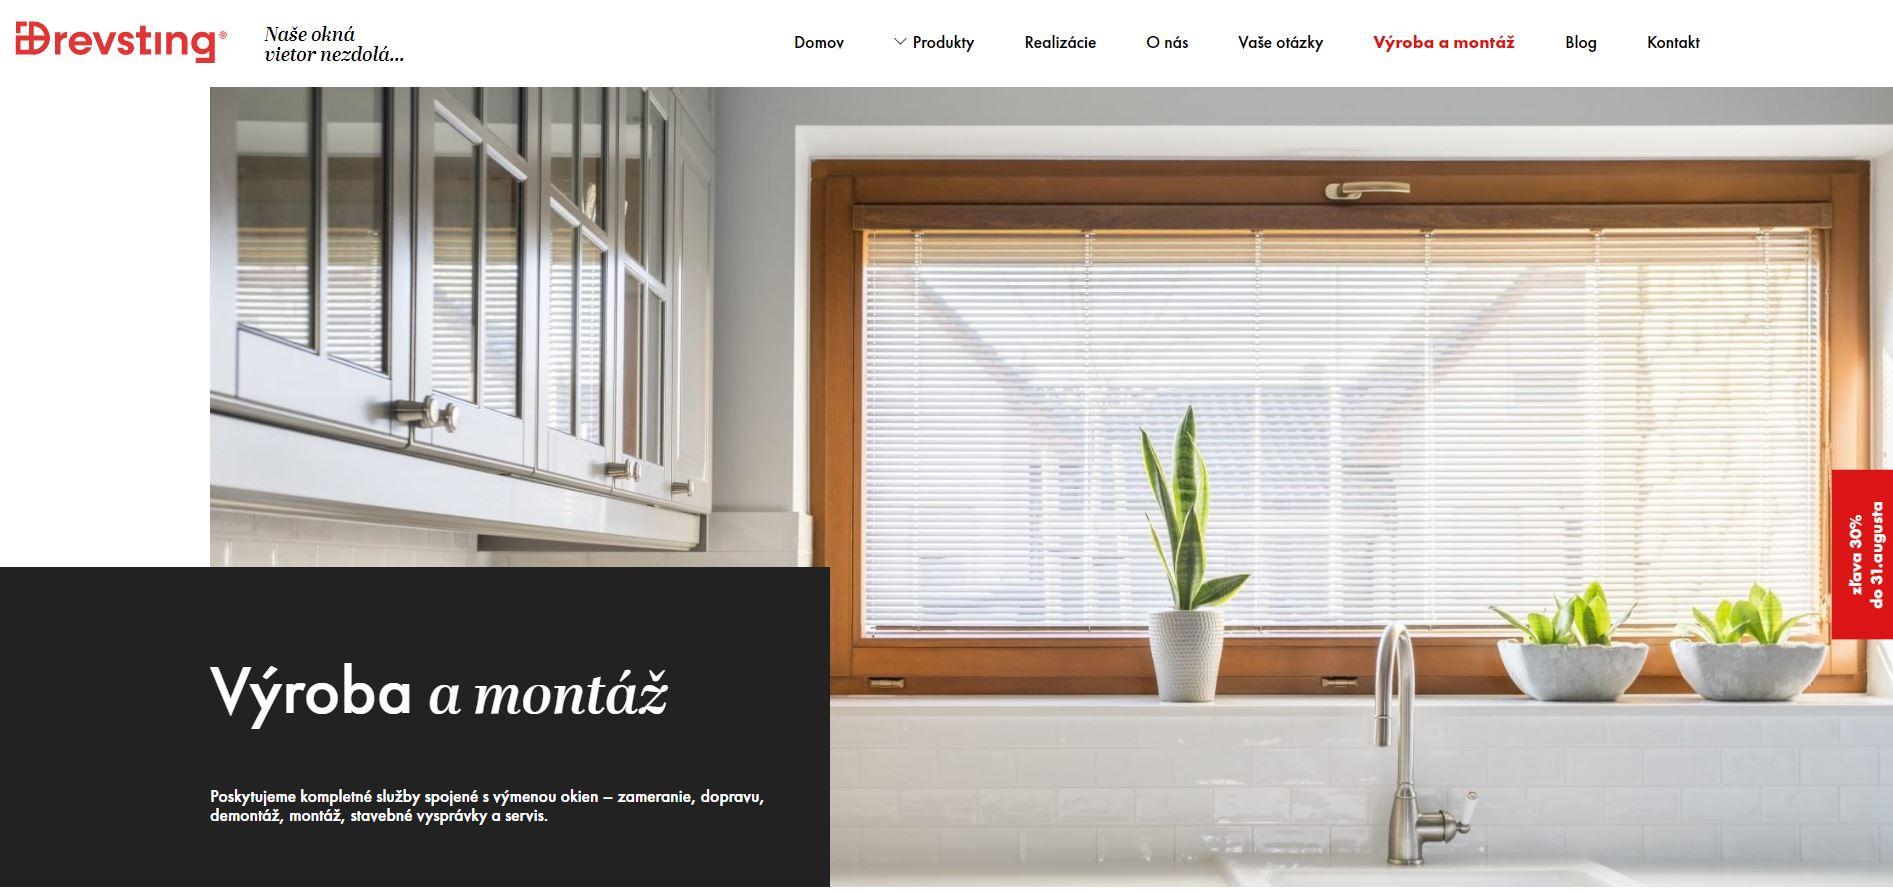 drevsting web design